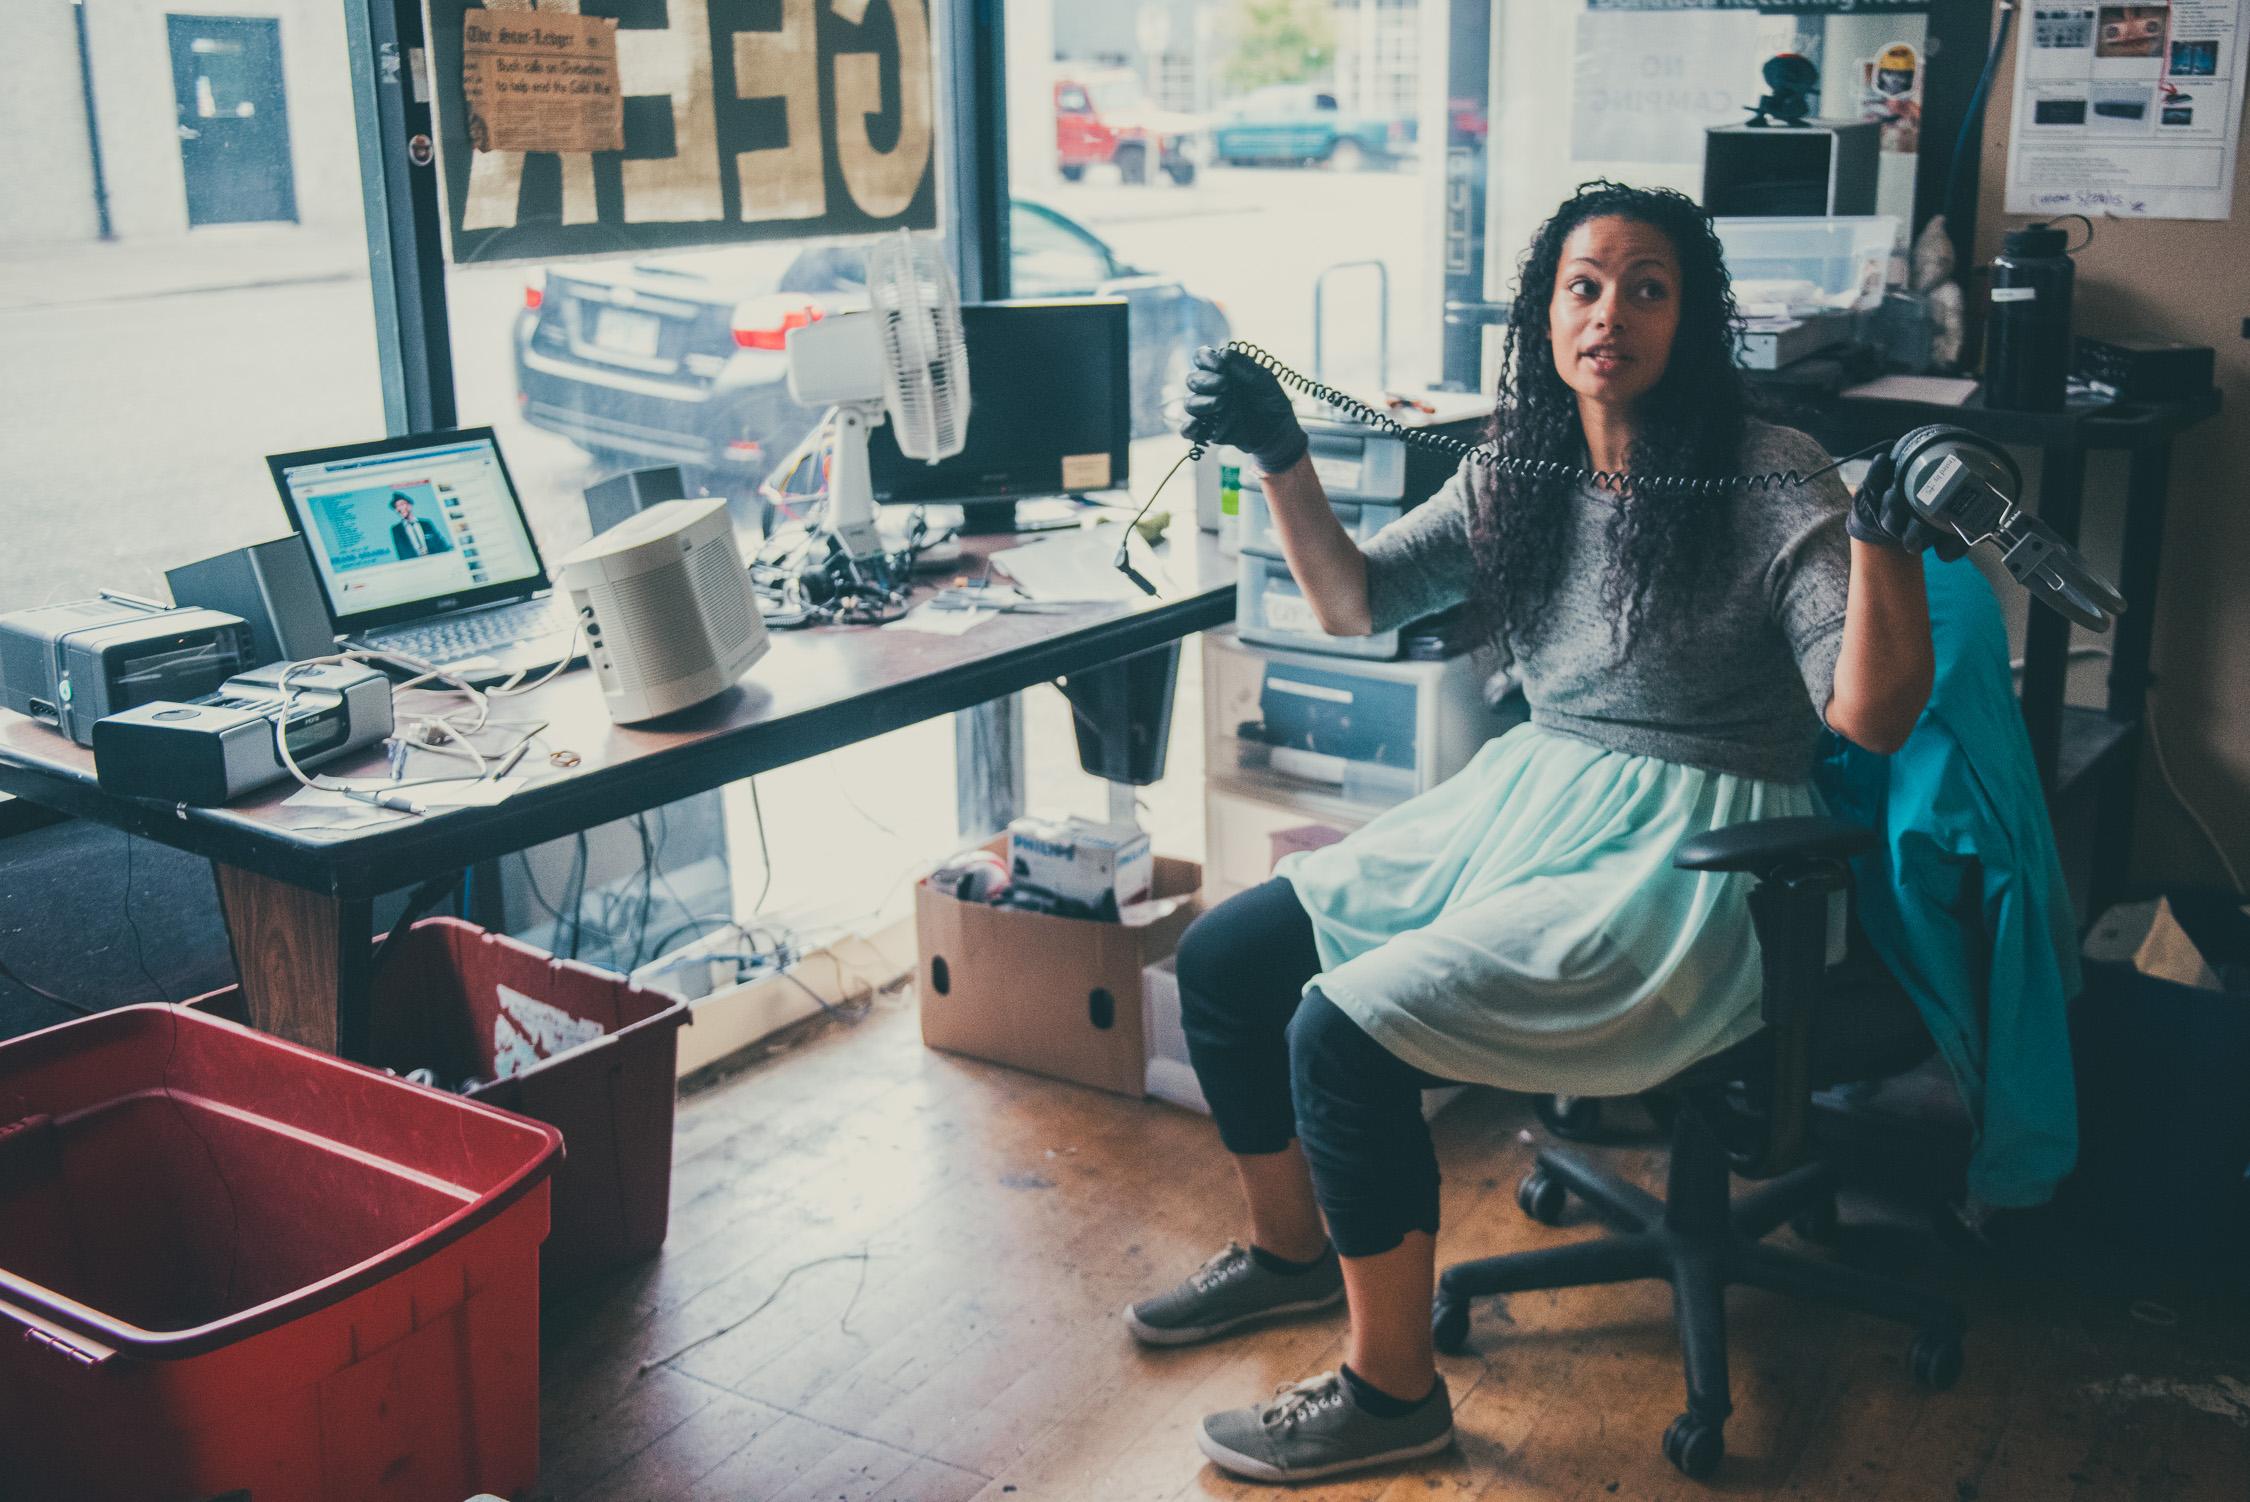 Free Geek Another Look 09.10.15-27.jpg